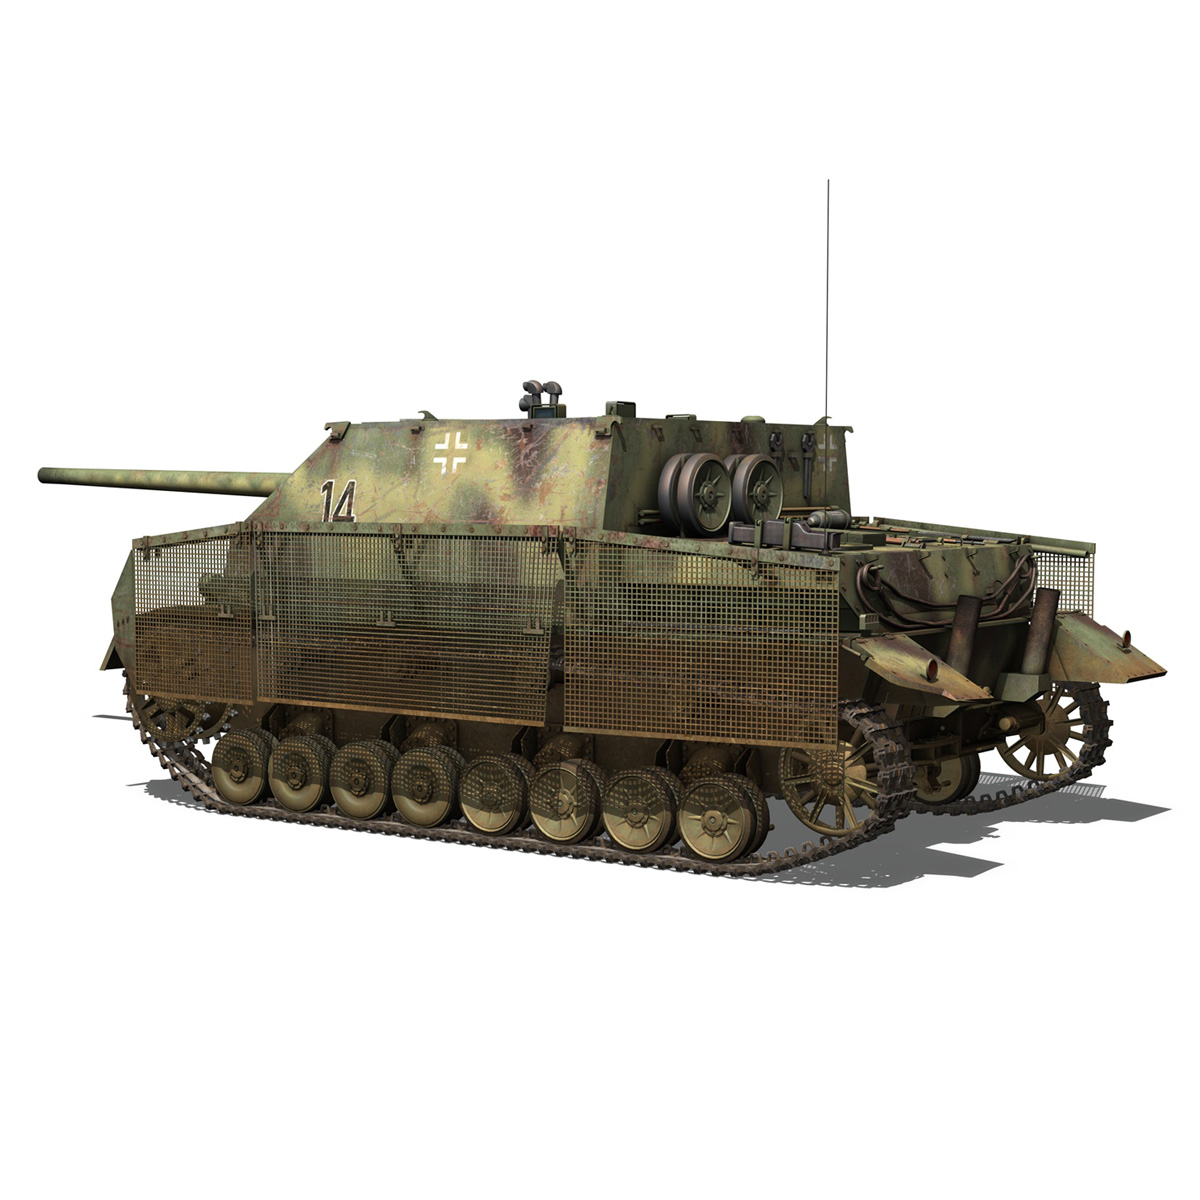 jagdpanzer iv l/70 (a) – 14 3d model 3ds fbx c4d lwo obj 282330